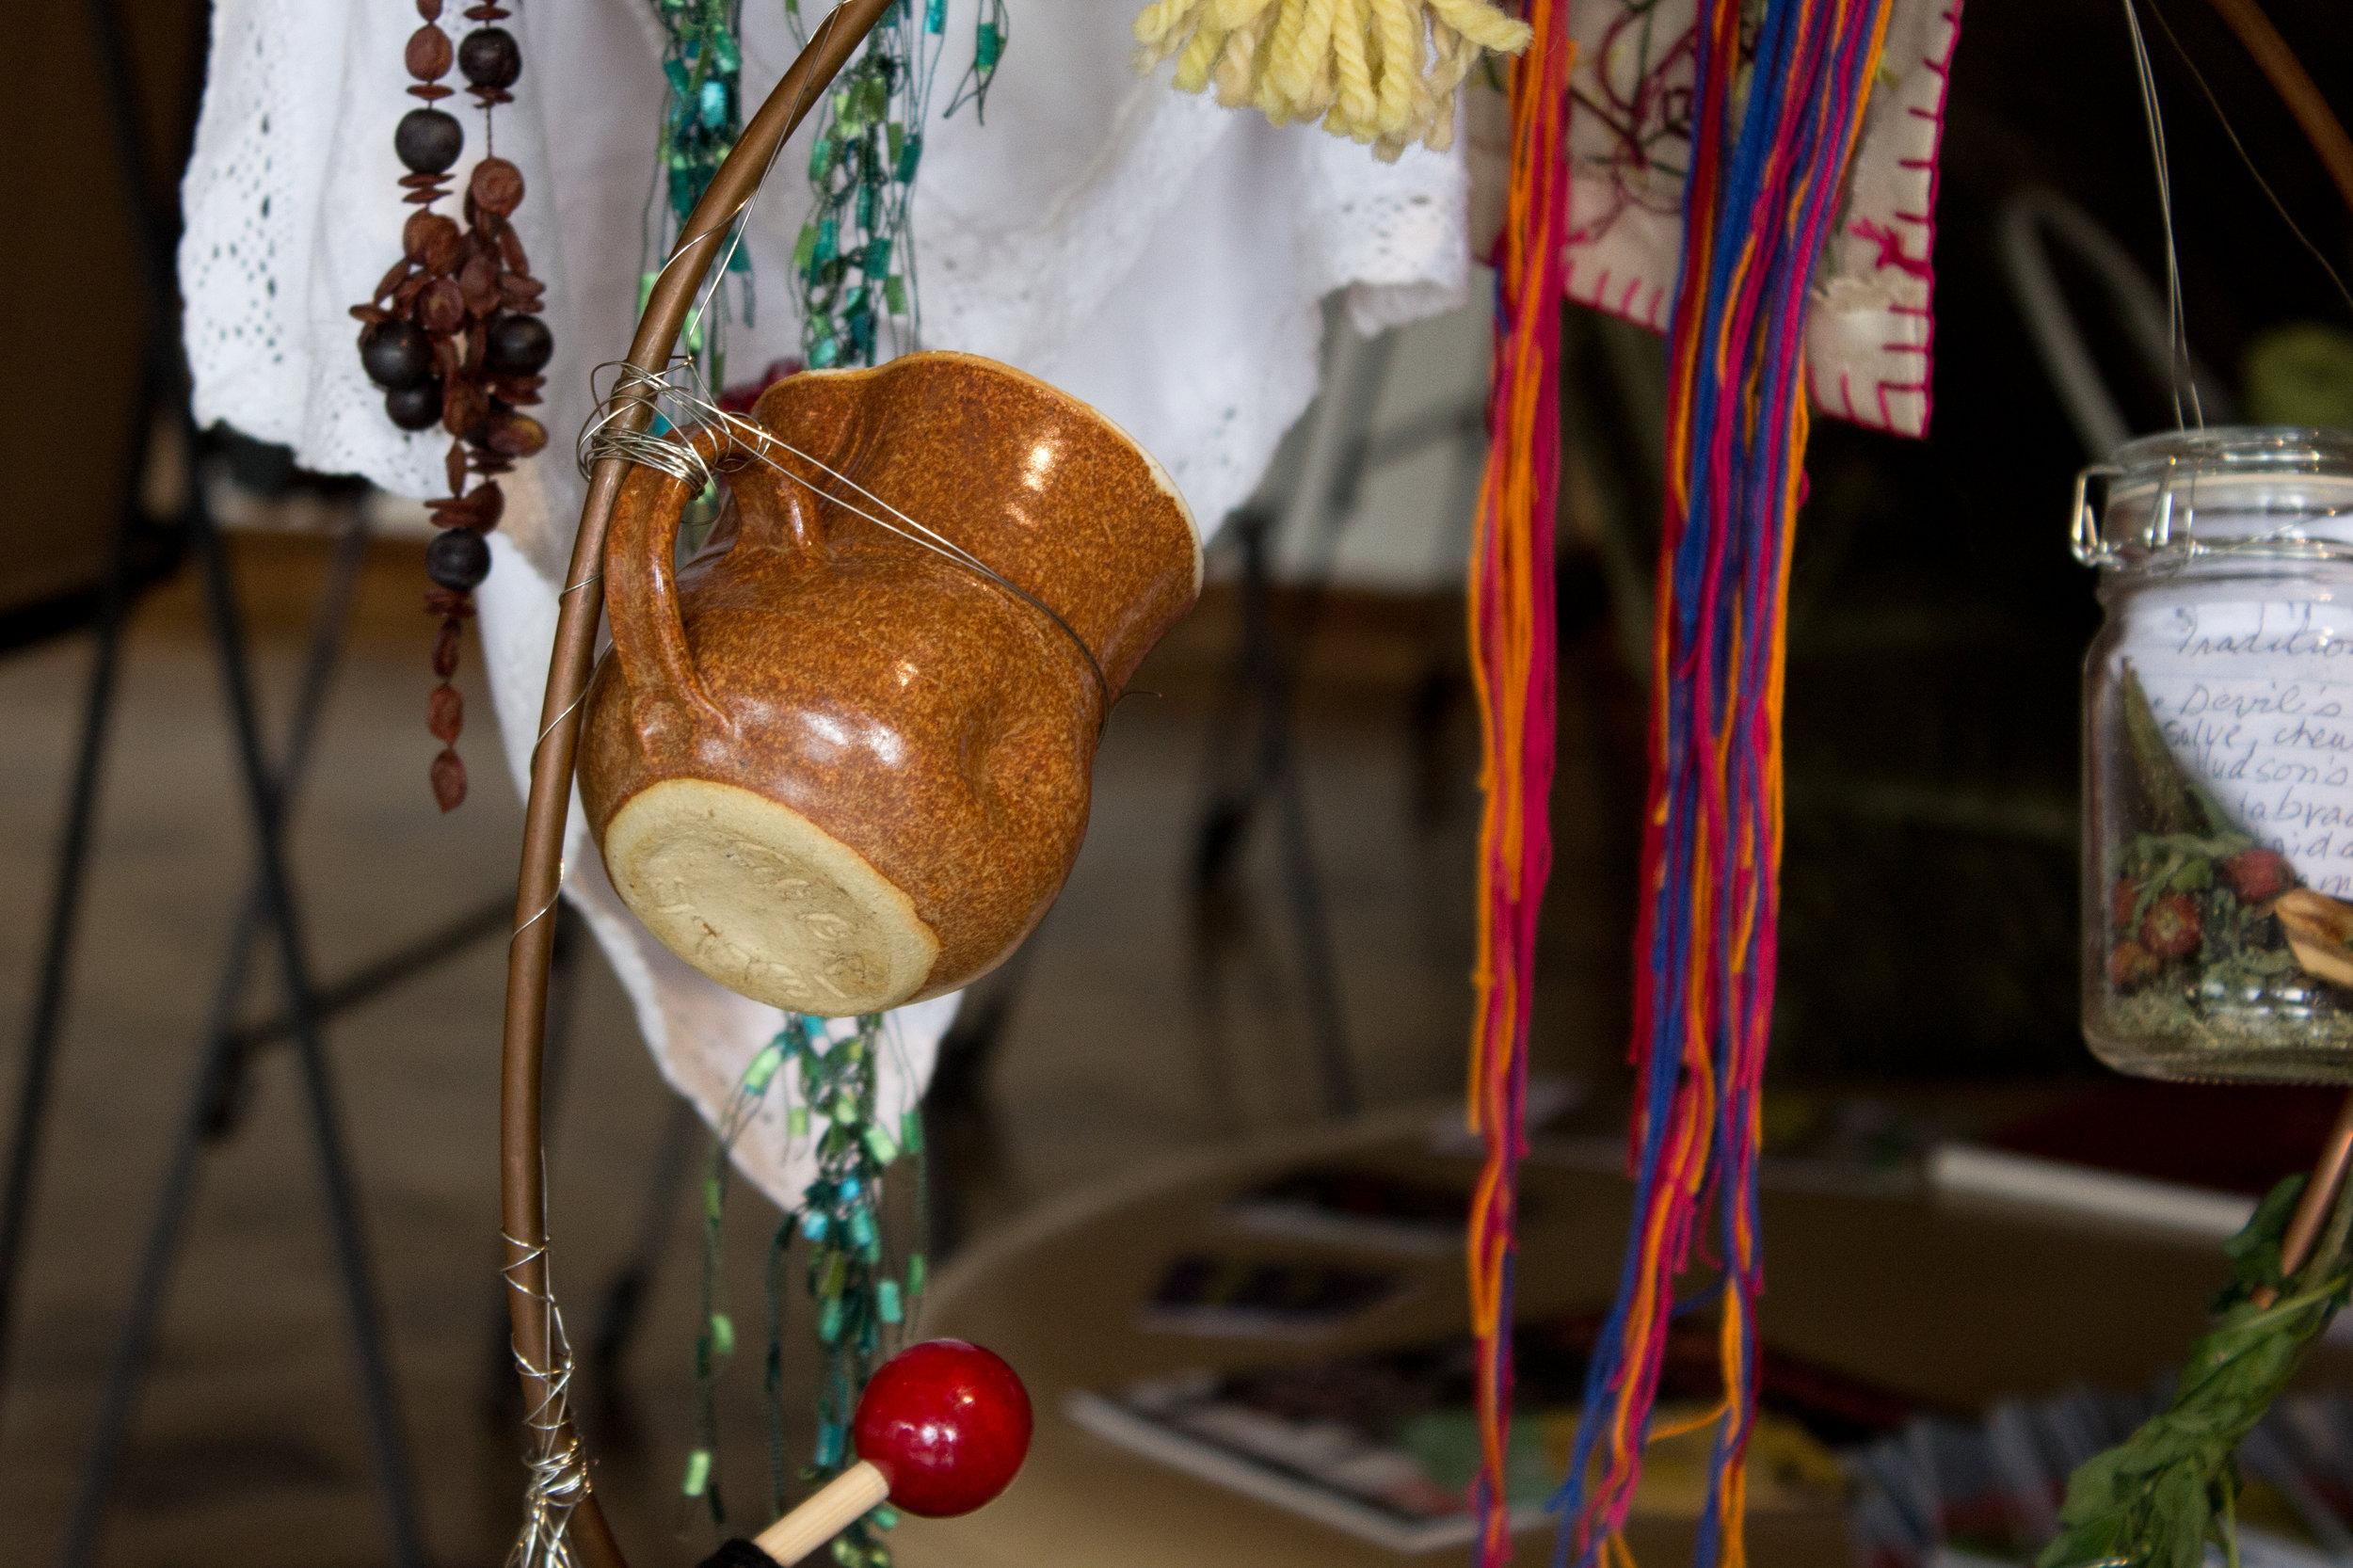 Sophie Bisping's contribution: her grandmother's tea mug.